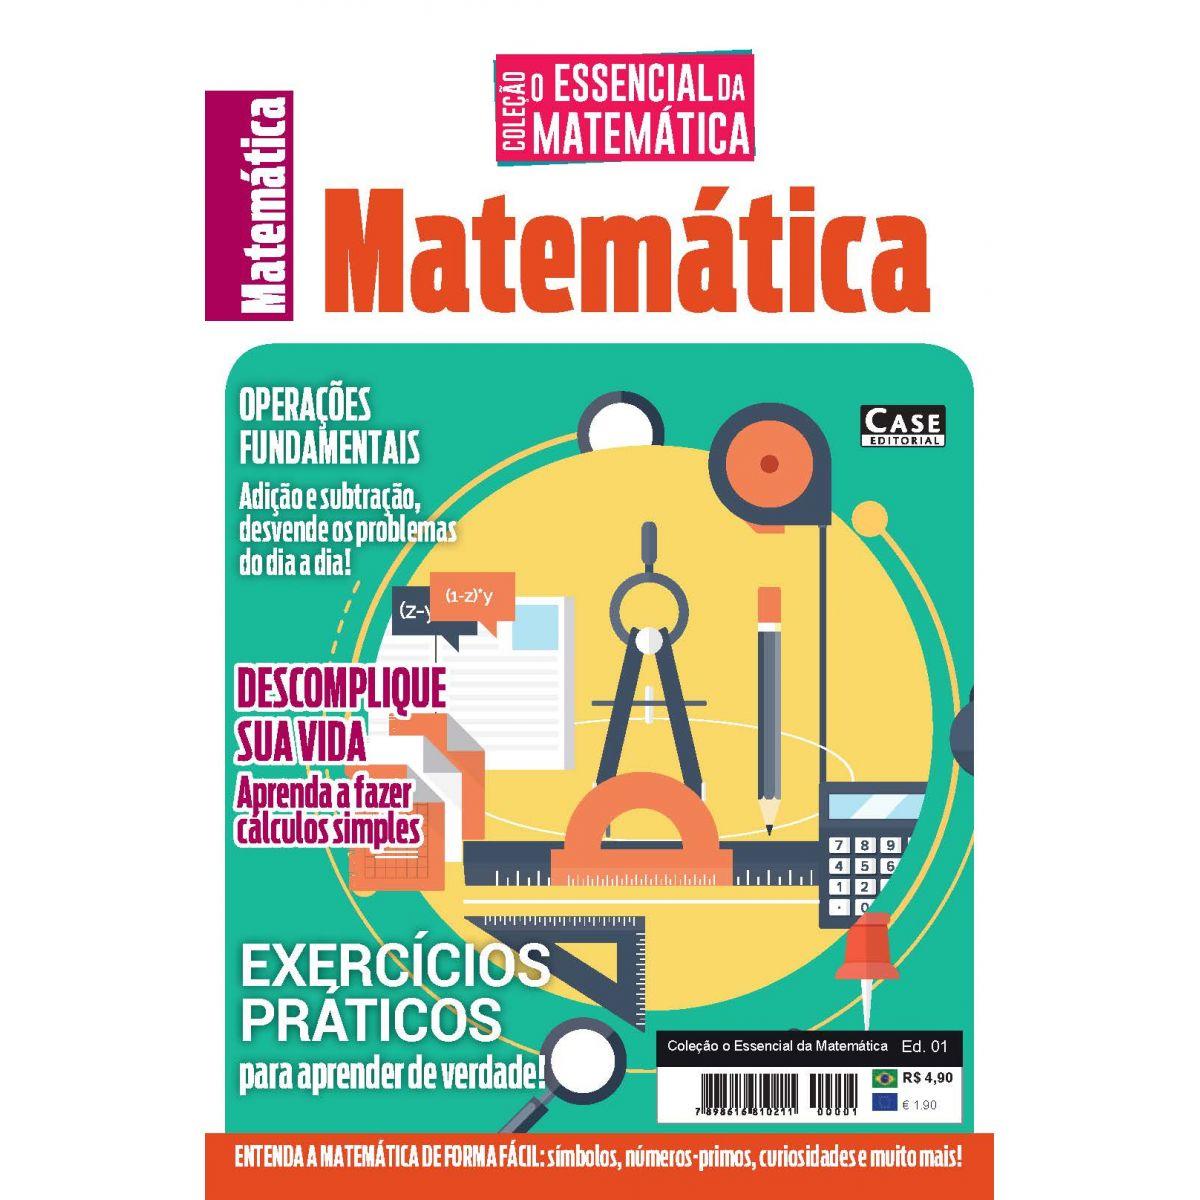 Coleção O Essencial da Matemática Ed. 01 - Exercícios Práticos - VERSÃO PARA DOWNLOAD (PDF)  - EdiCase Publicações